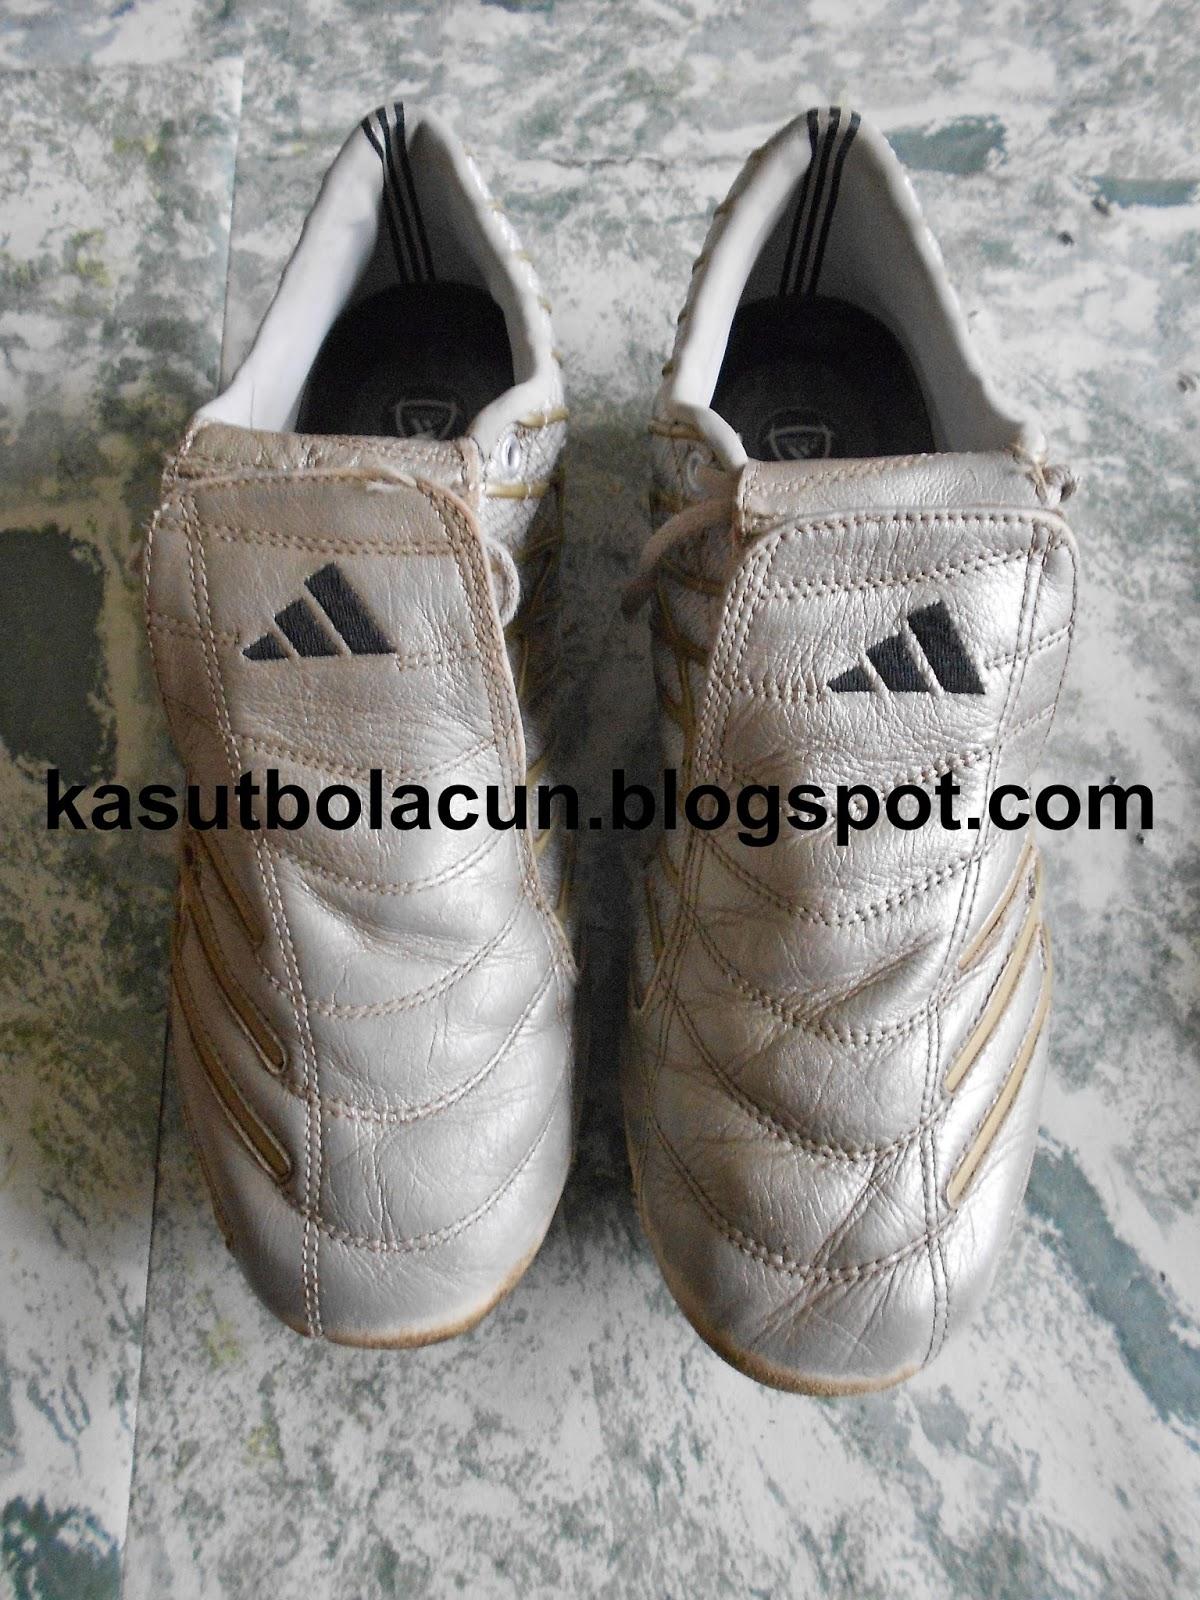 Adidas F50+ SG @ Adidas F50 spider